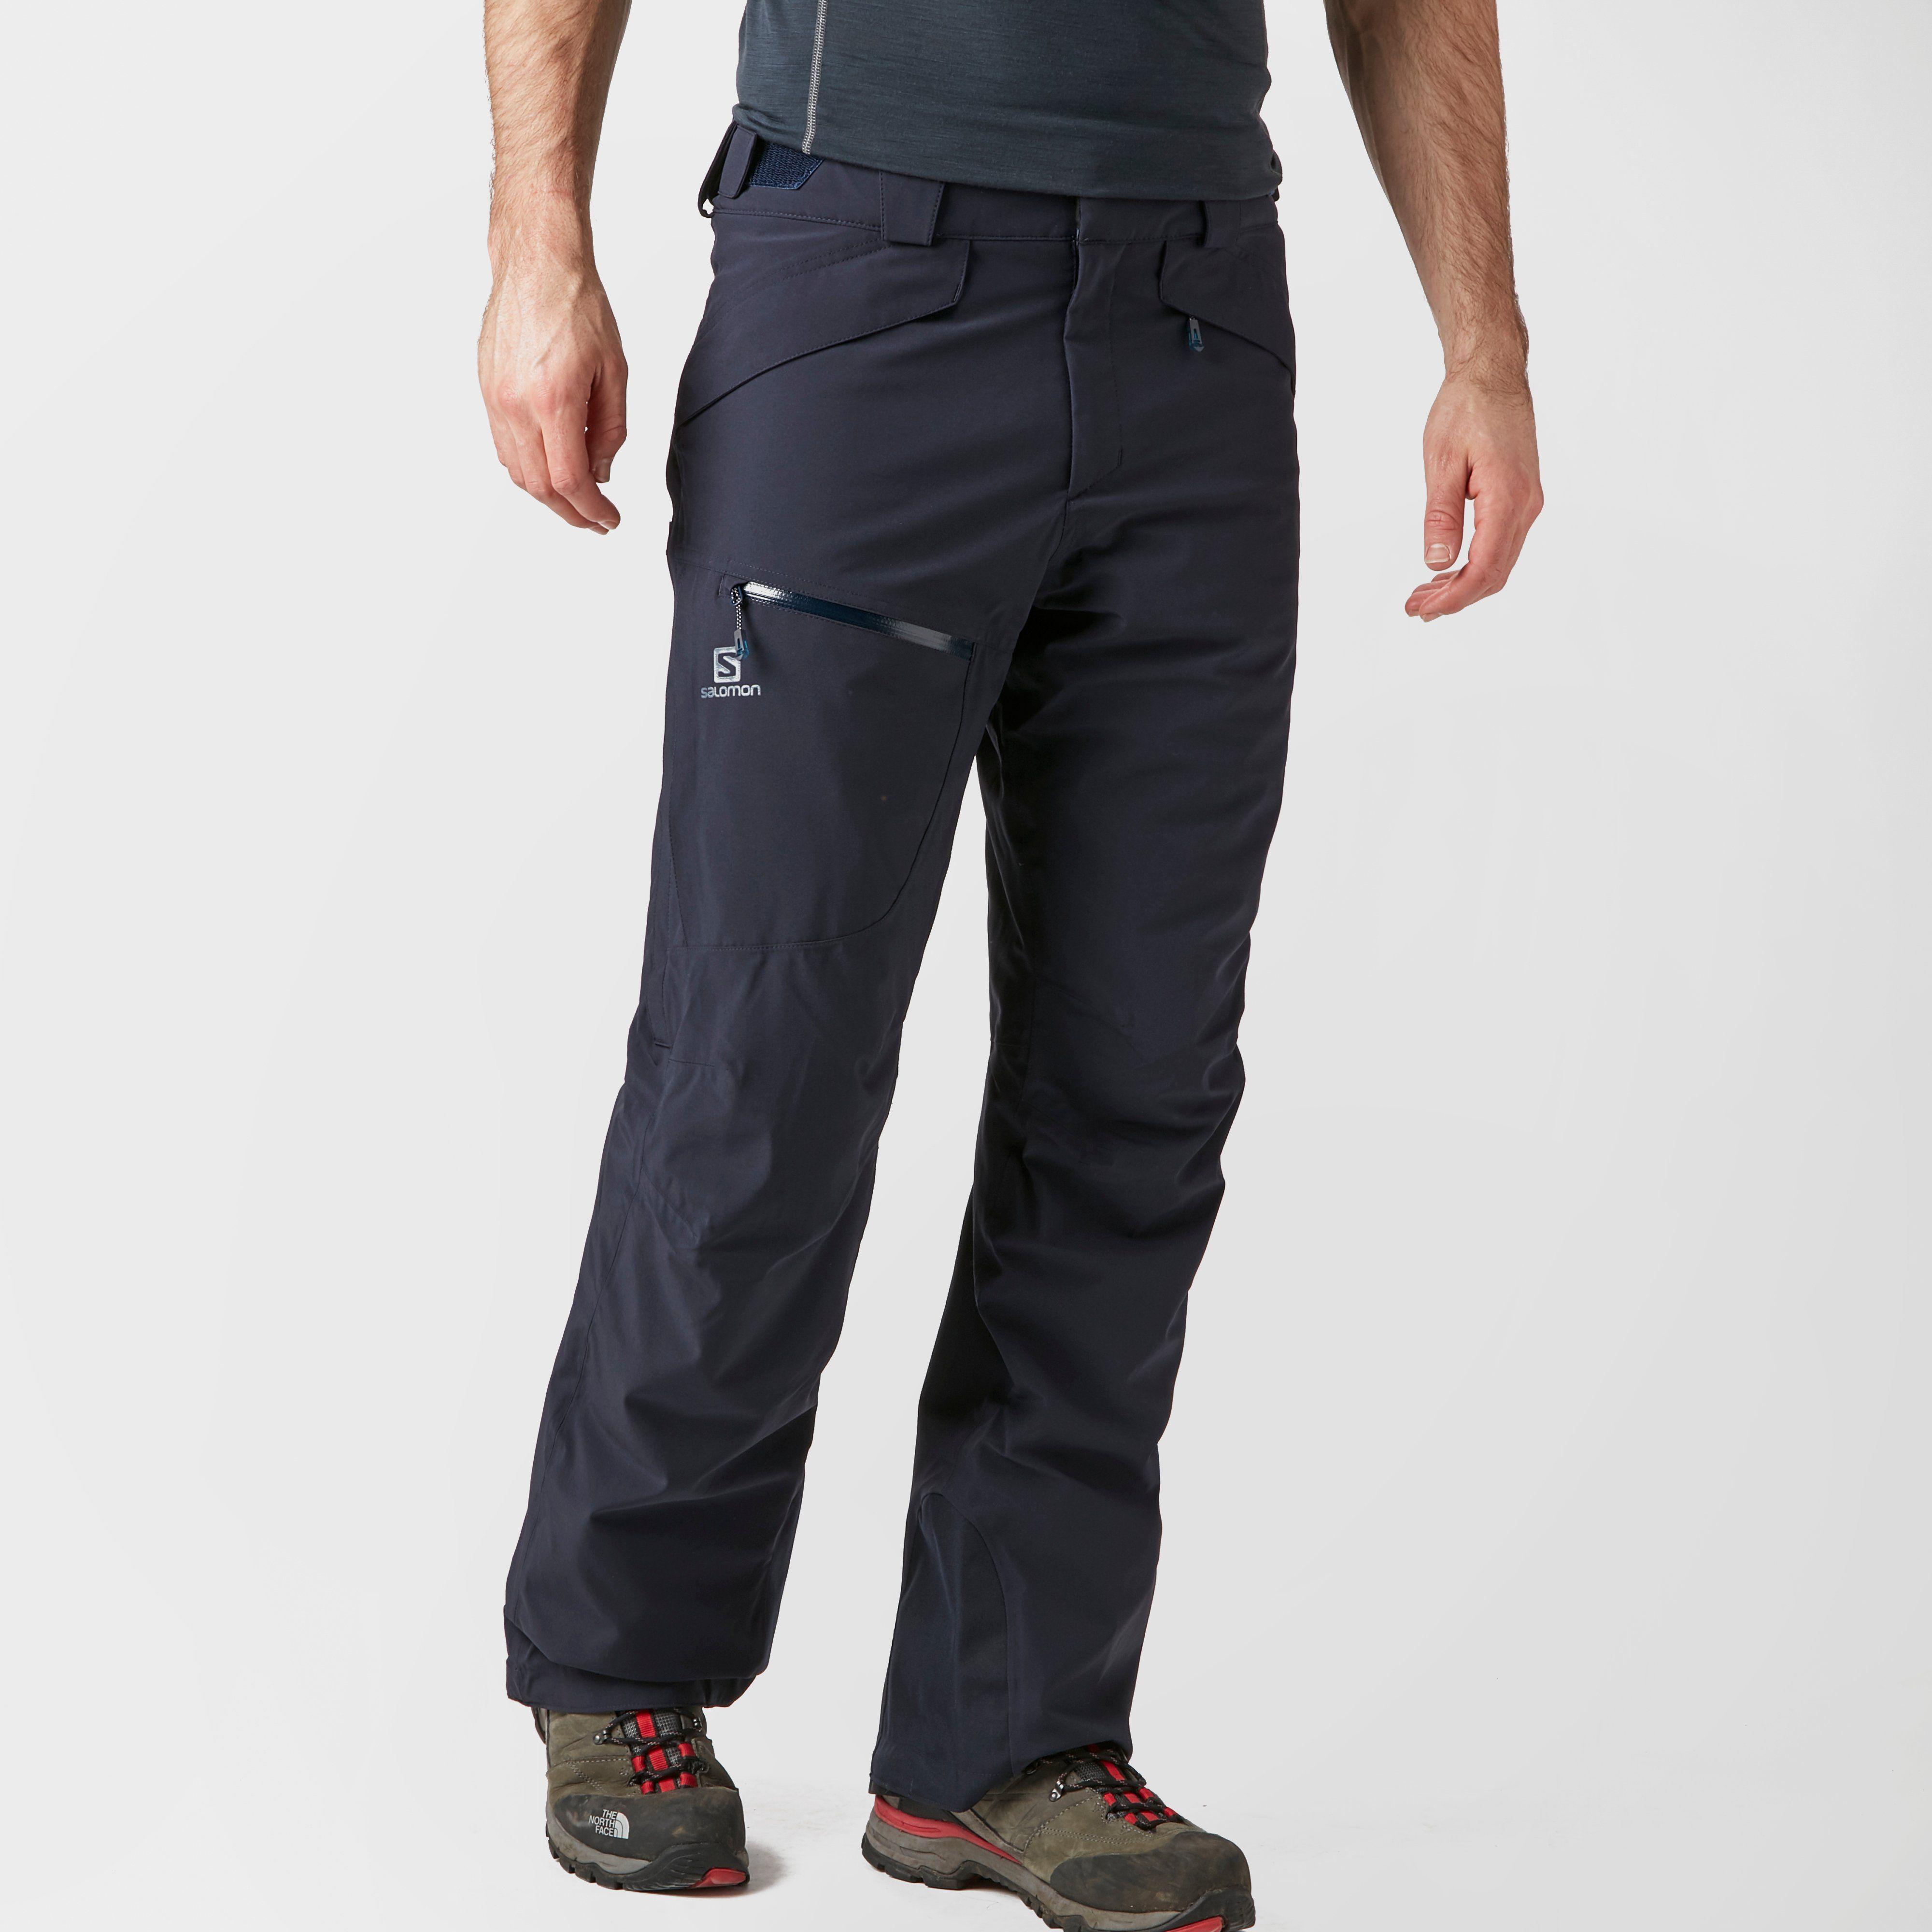 SALOMON Men's Chill Out Bib Pants